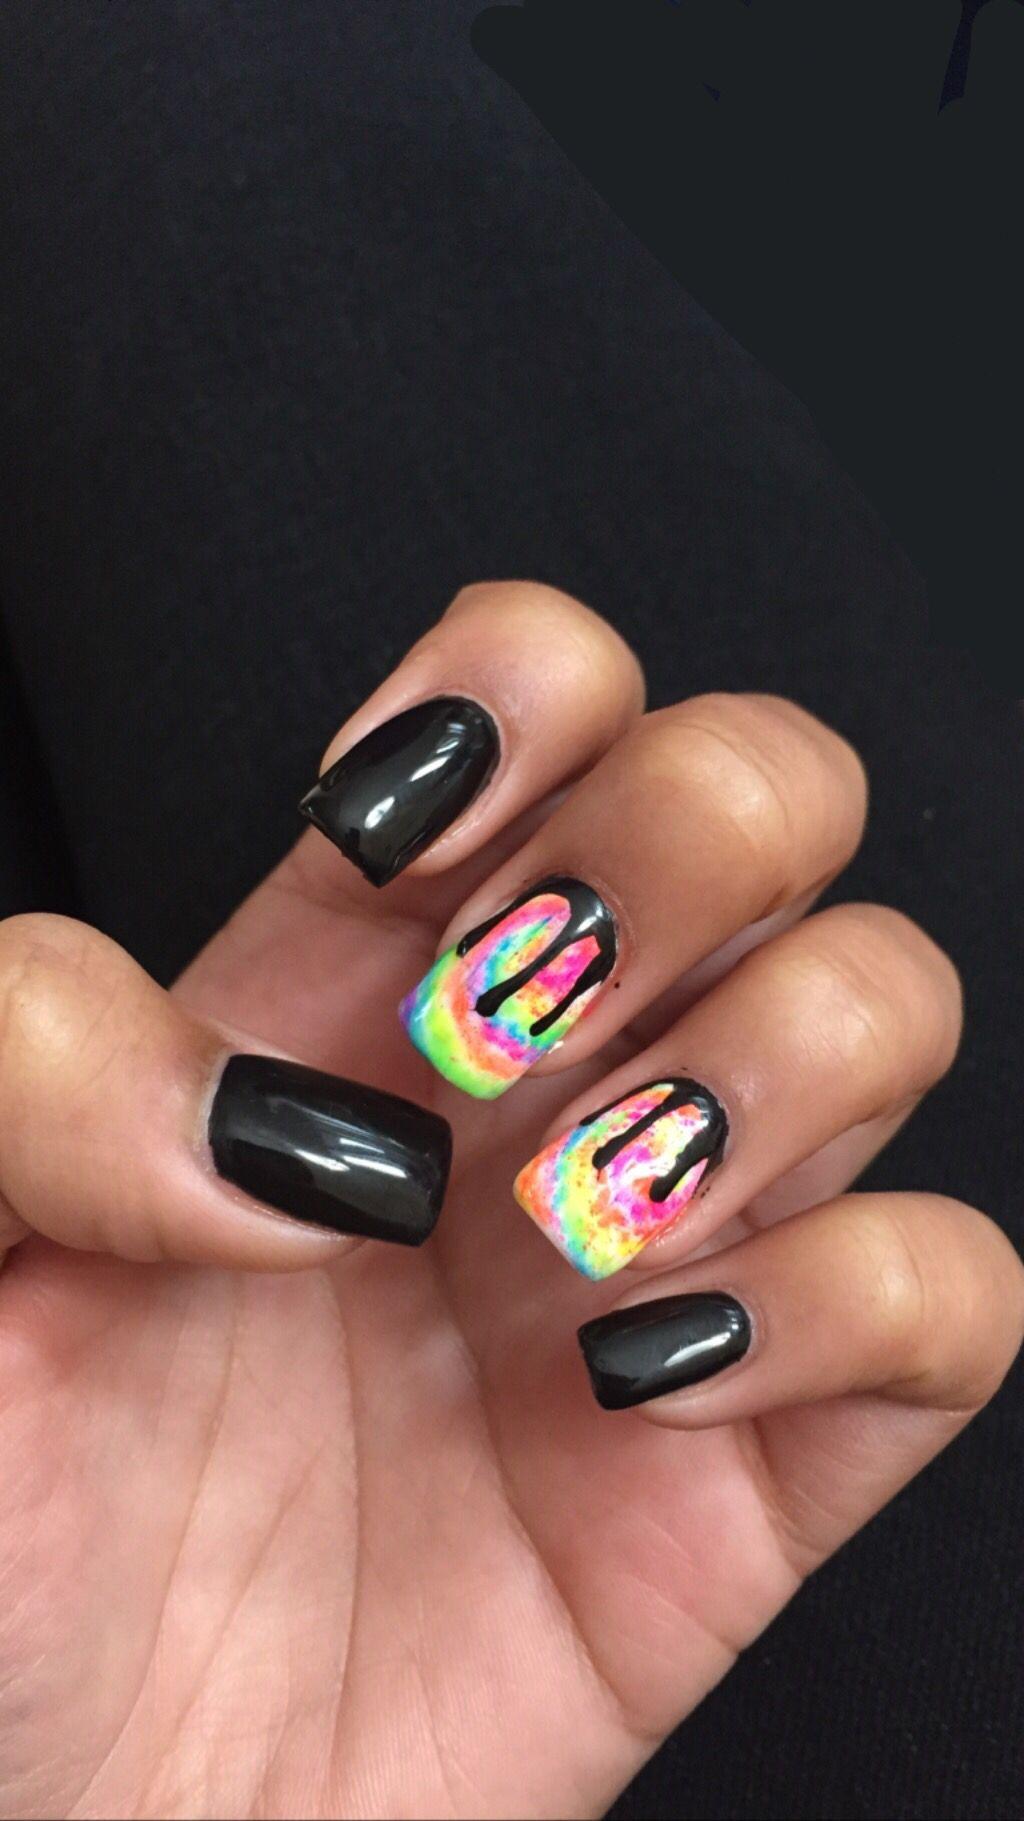 Tie Dye Drip Nails Tie Dye Nails Drip Nails Disney Acrylic Nails